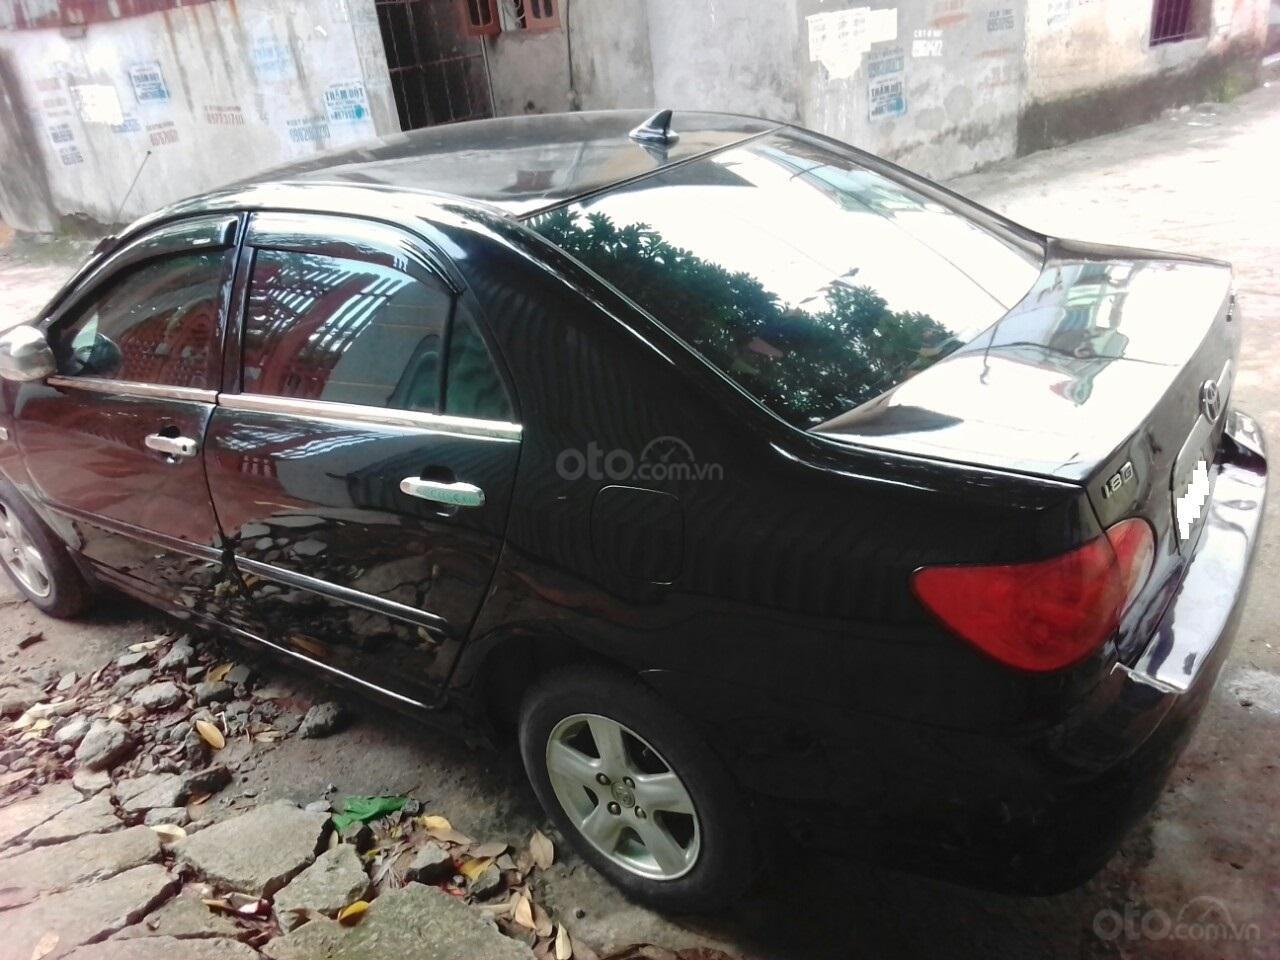 Đổi xe muốn bán dòng Toyota, bền bỉ, lành xe, xe tư nhân giá 168tr (2)